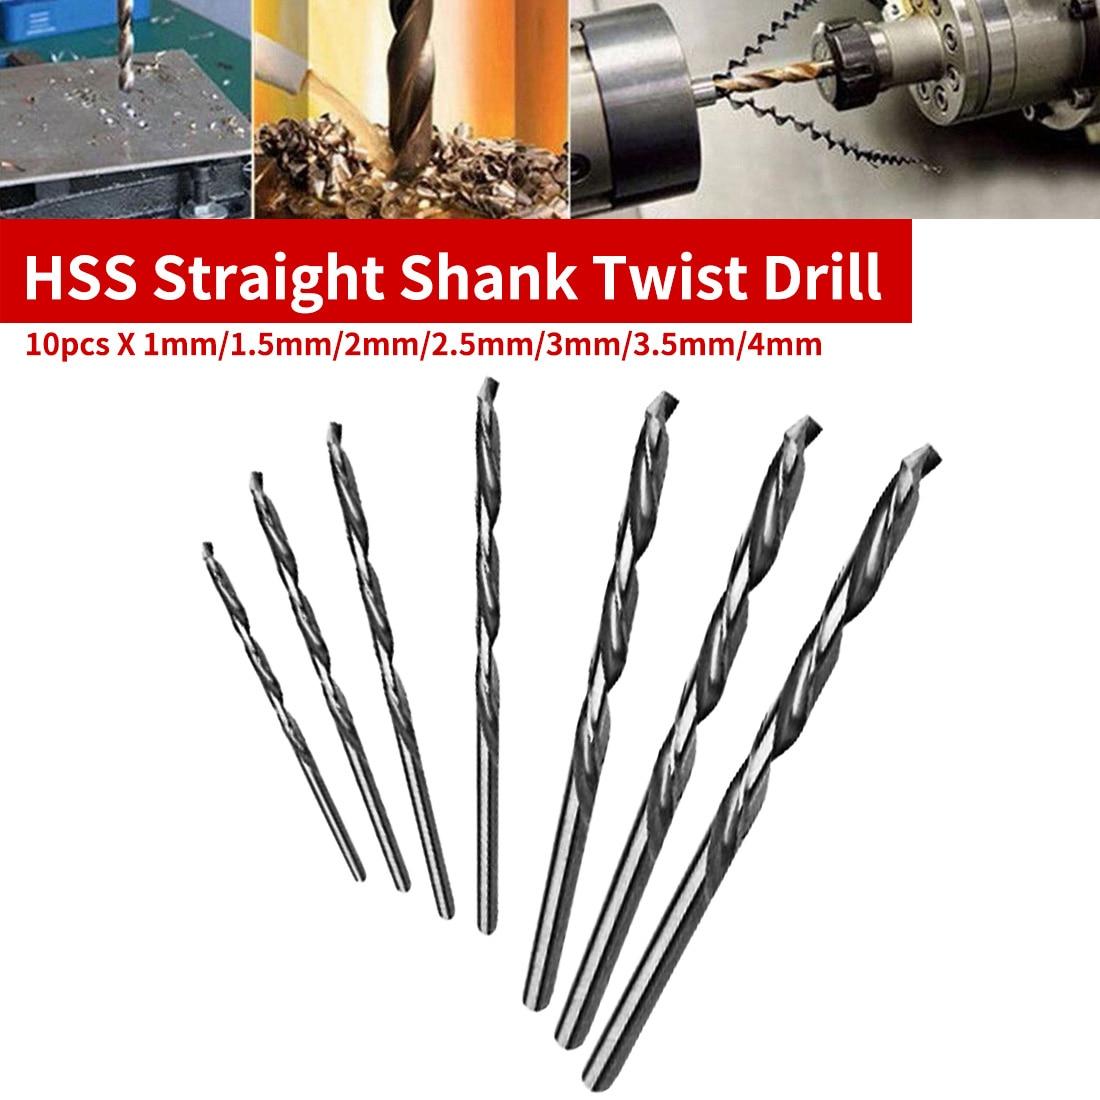 Os bocados de broca retos da torção da broca dos pces hss da pata 10 ajustam-se para o pwb/alumínio fino/folha do ferro 1mm/1.5mm/2mm/2.5mm/3mm/3.5mm/4mm